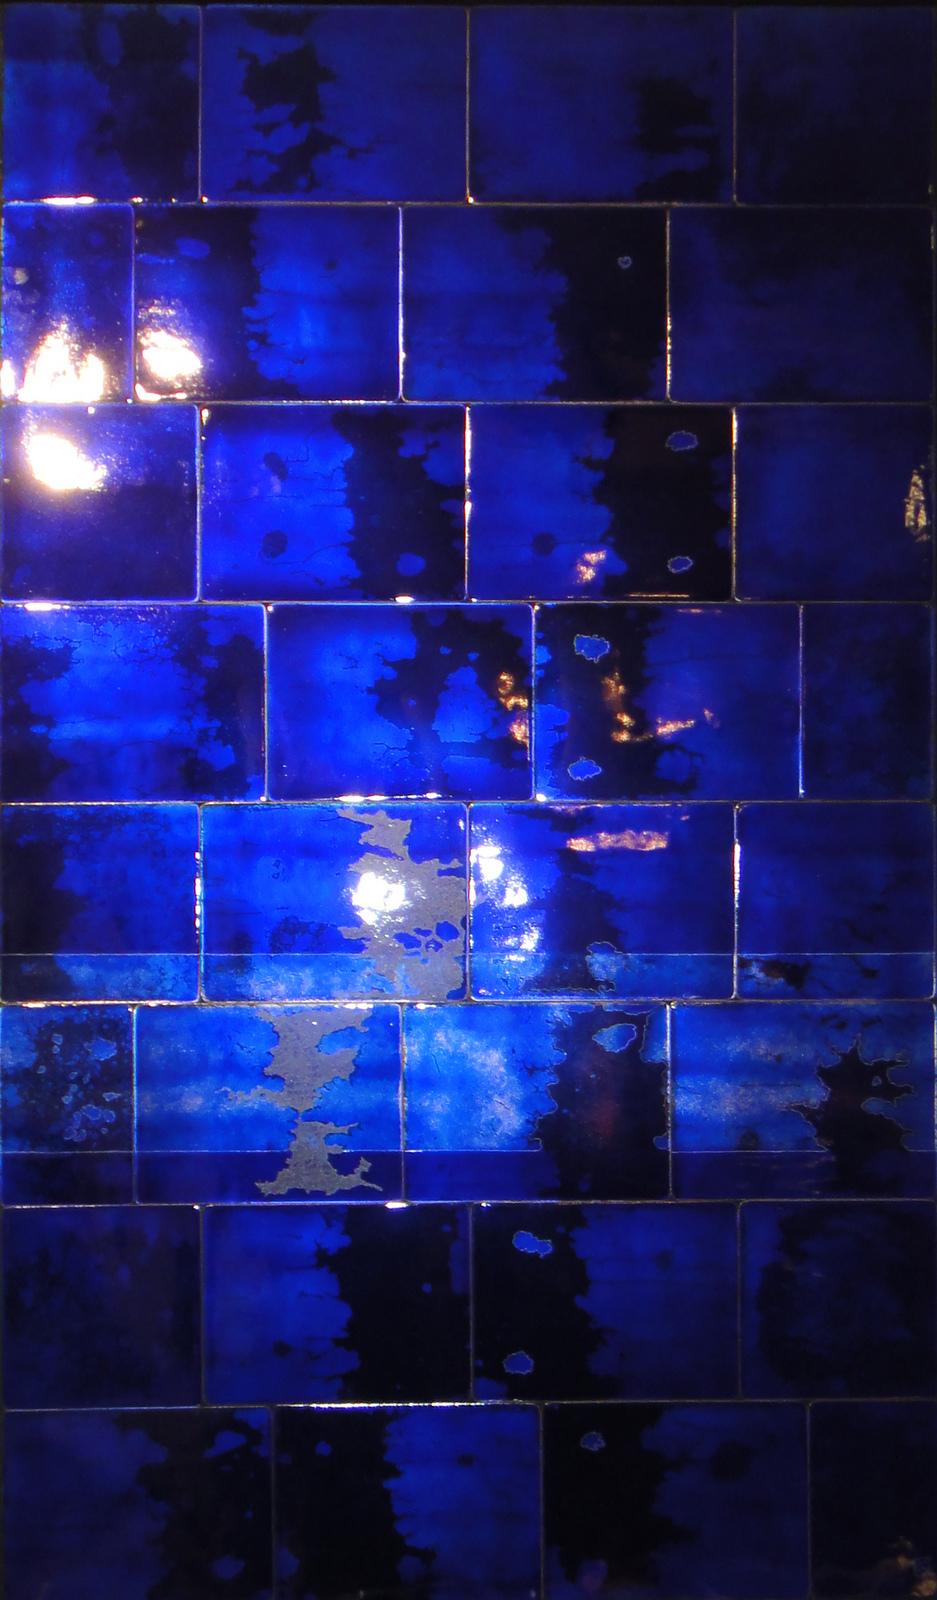 Mur monochrome bleu, émail transparent, 2011, Christophe Mirande